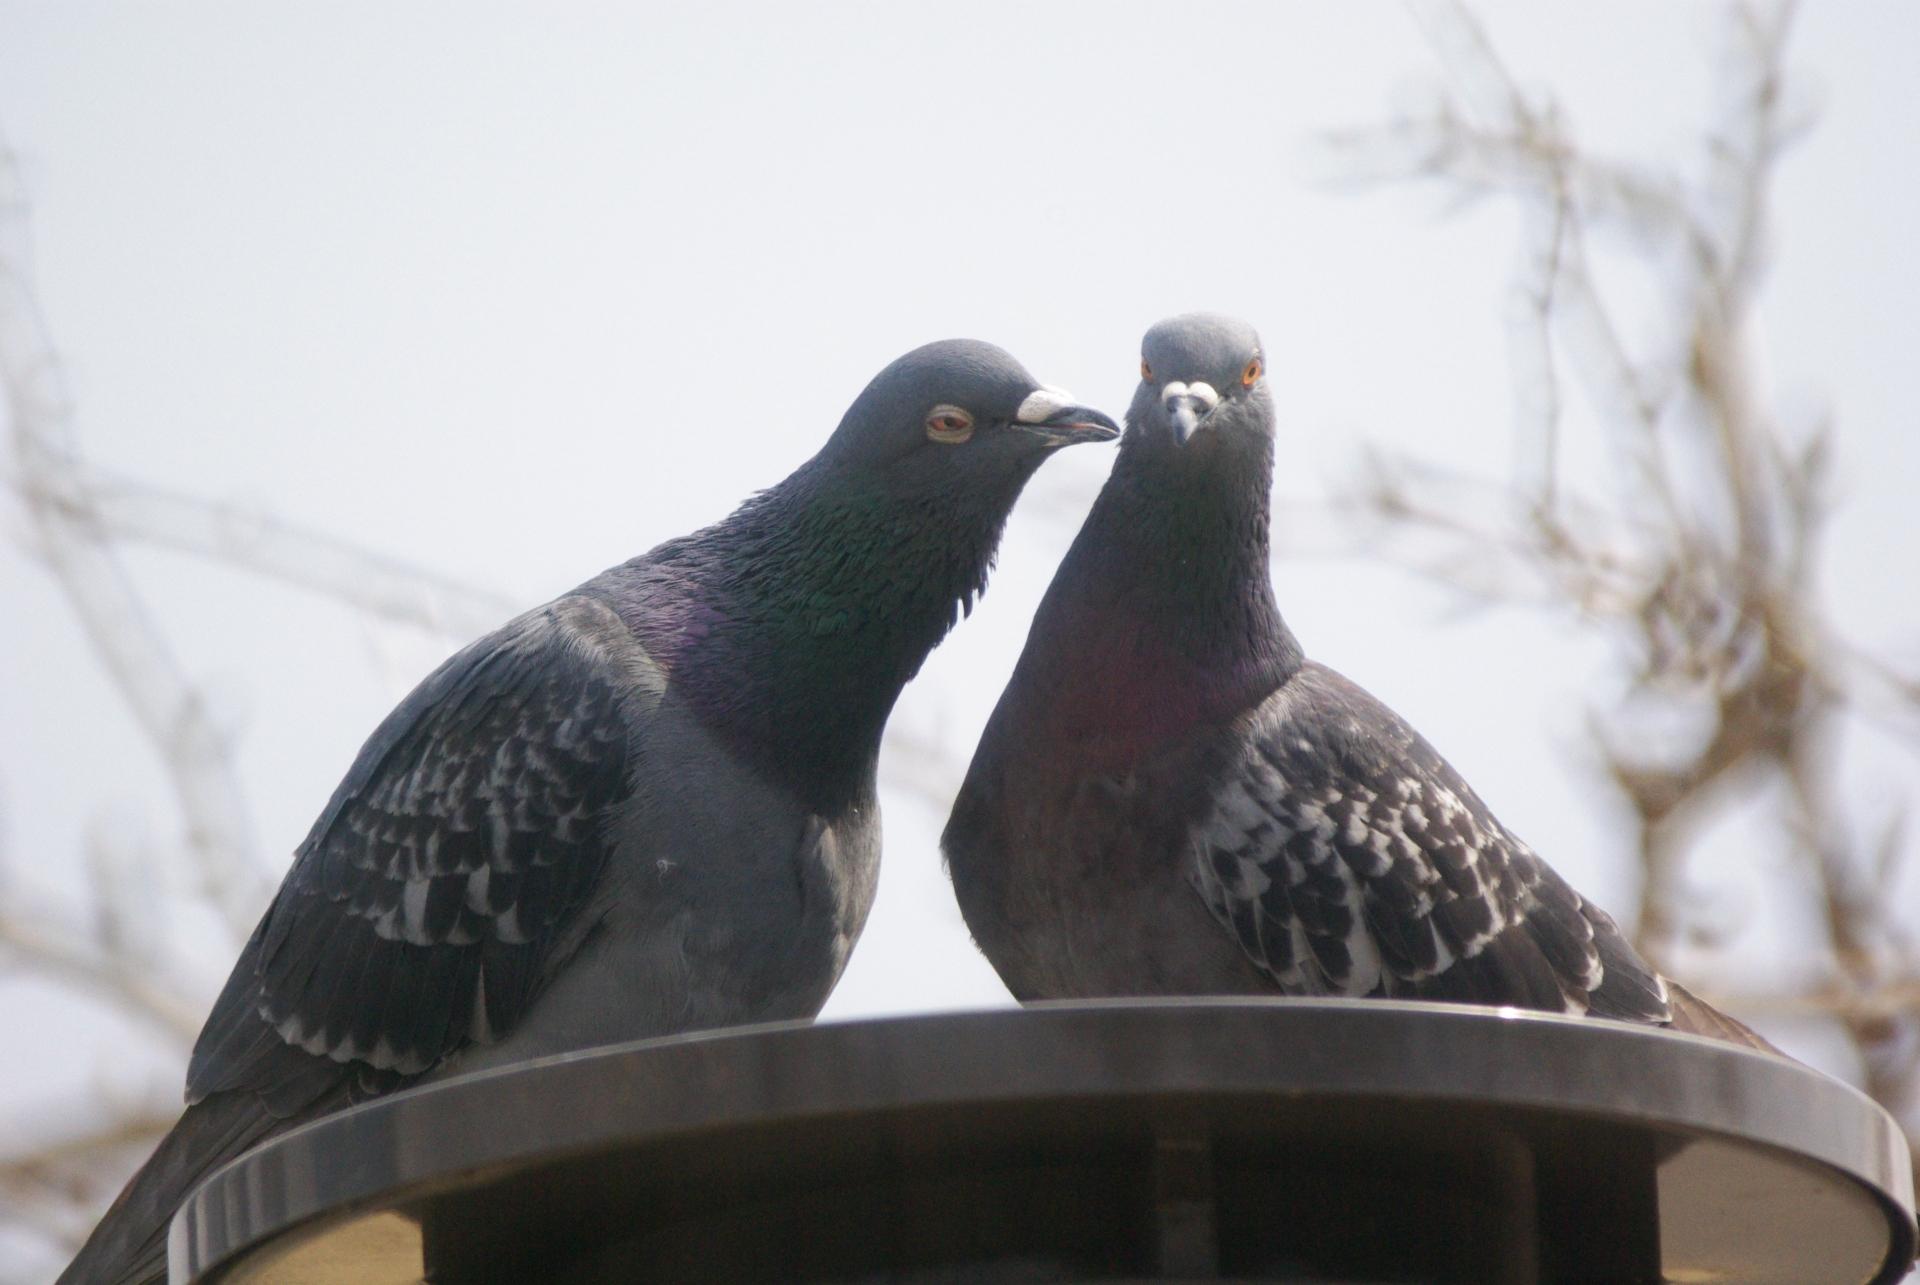 住宅のベランダや屋根に鳥が来て困る!対策になる忌避具と忌避剤とは!?